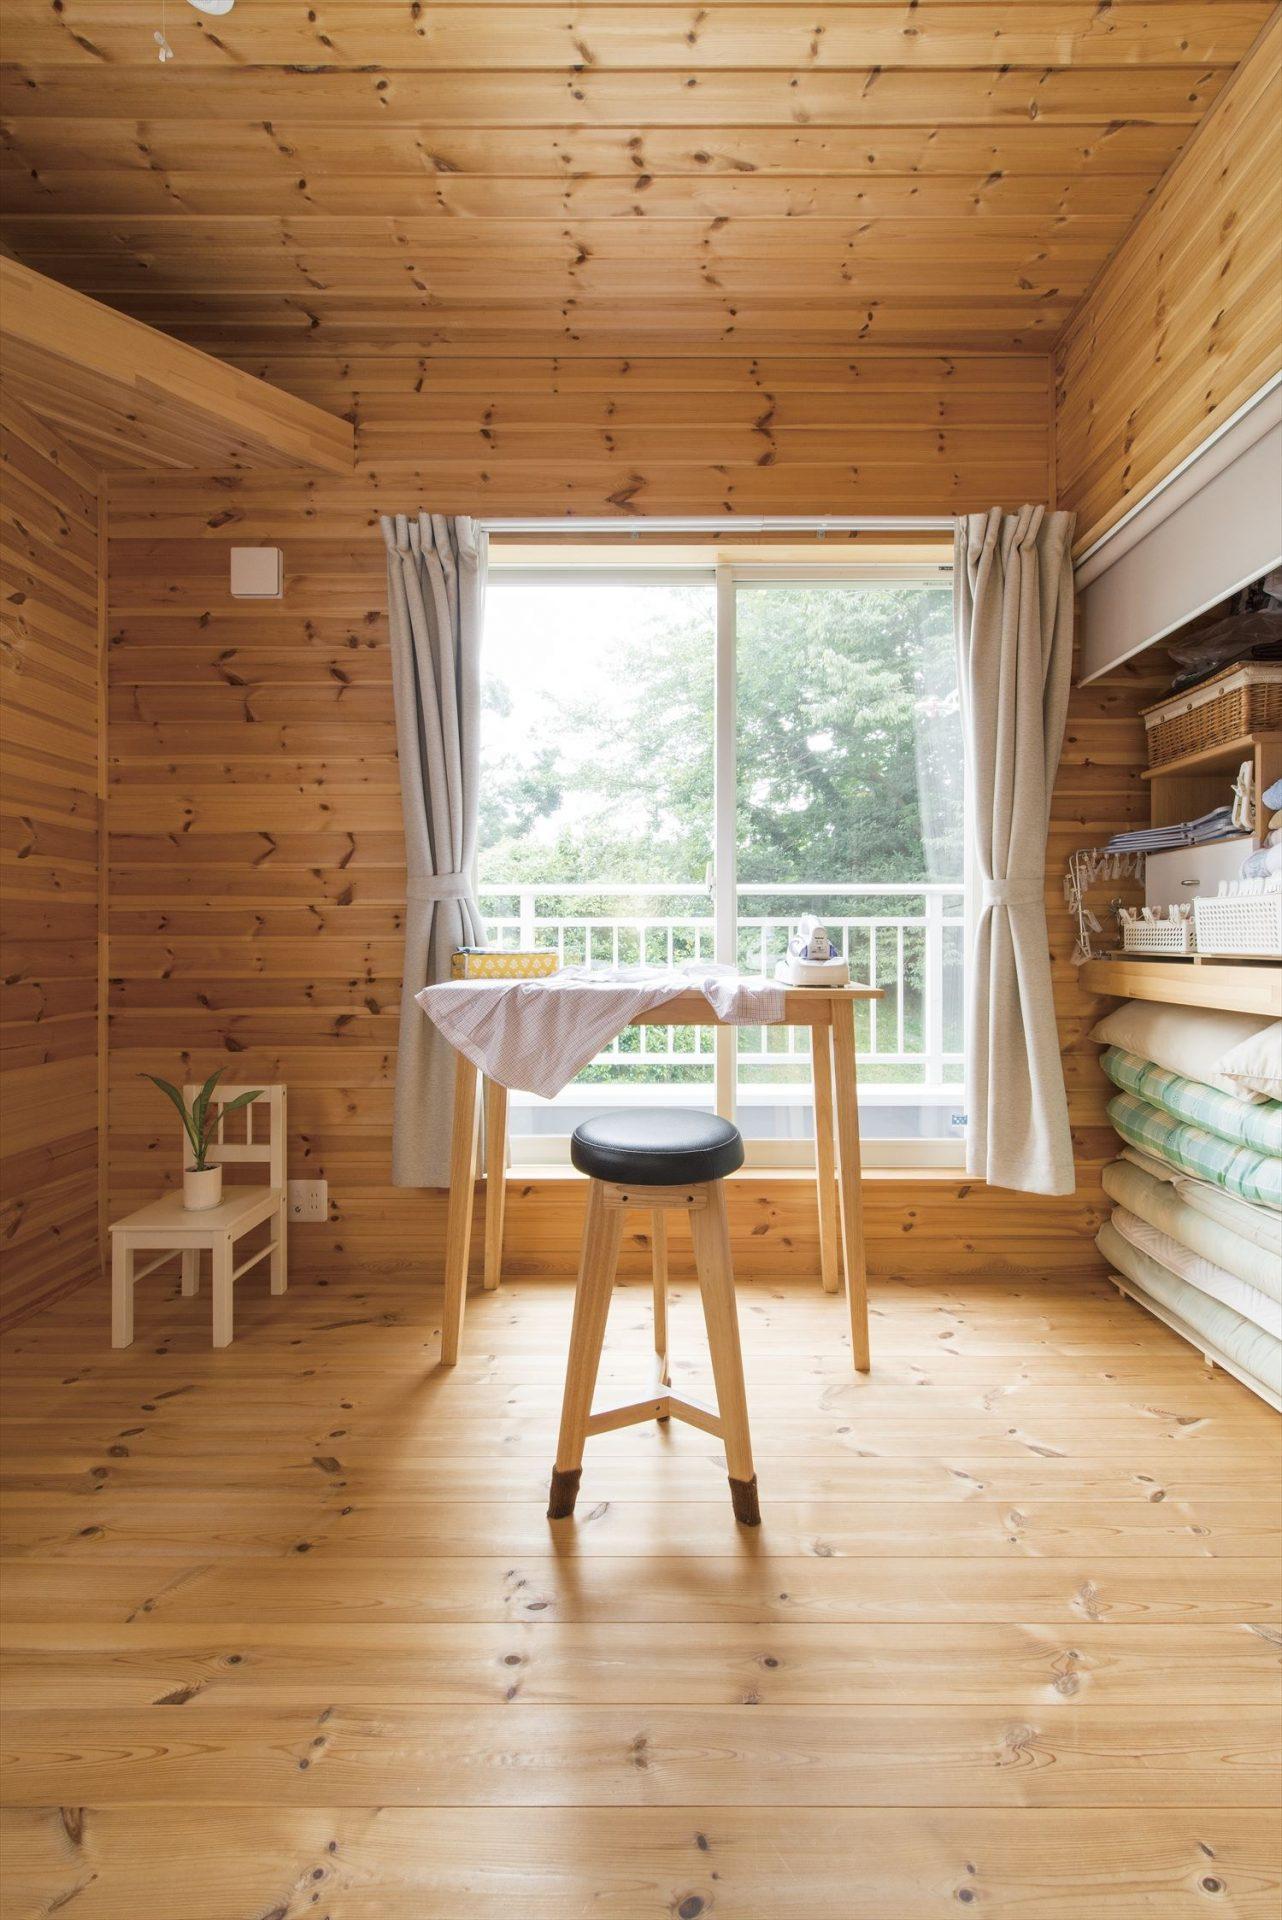 ログハウス風コンパクトハウスの家事室2|四街道市の注文住宅,ログハウスのような木の家を低価格で建てるならエイ・ワン